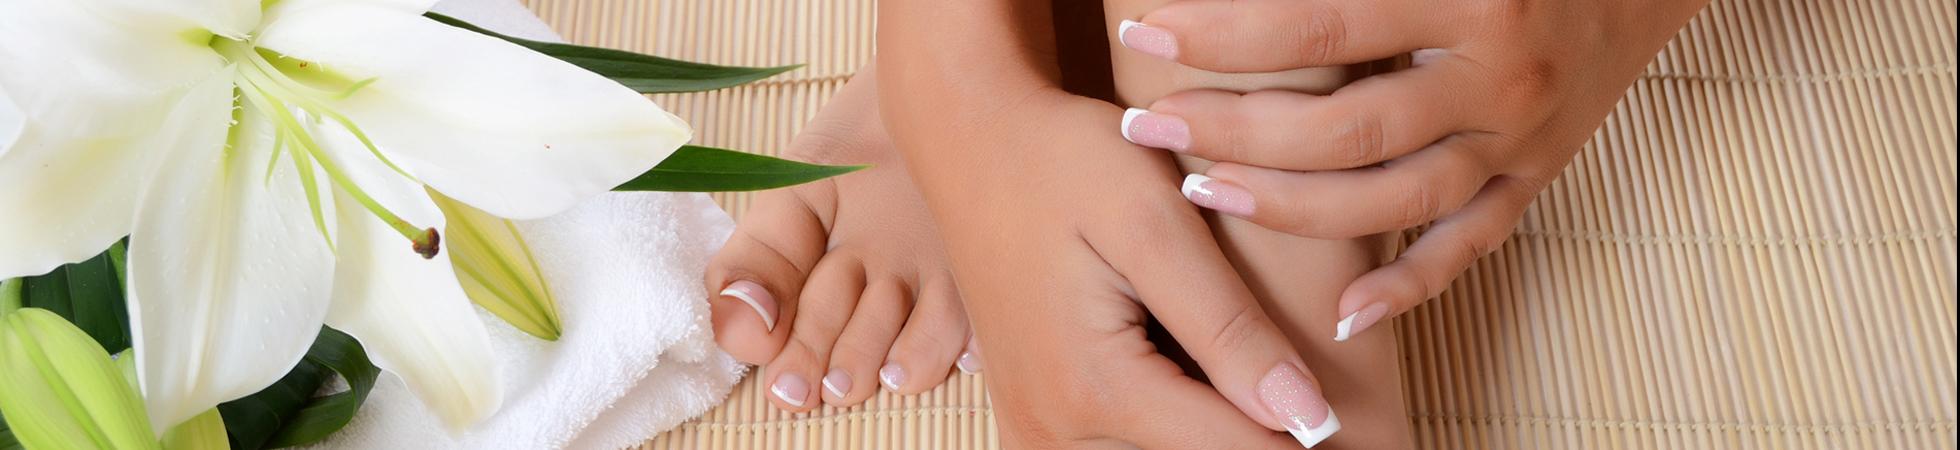 Pediküre, Maniküre und French Nails von Aus Liebe zur Haut